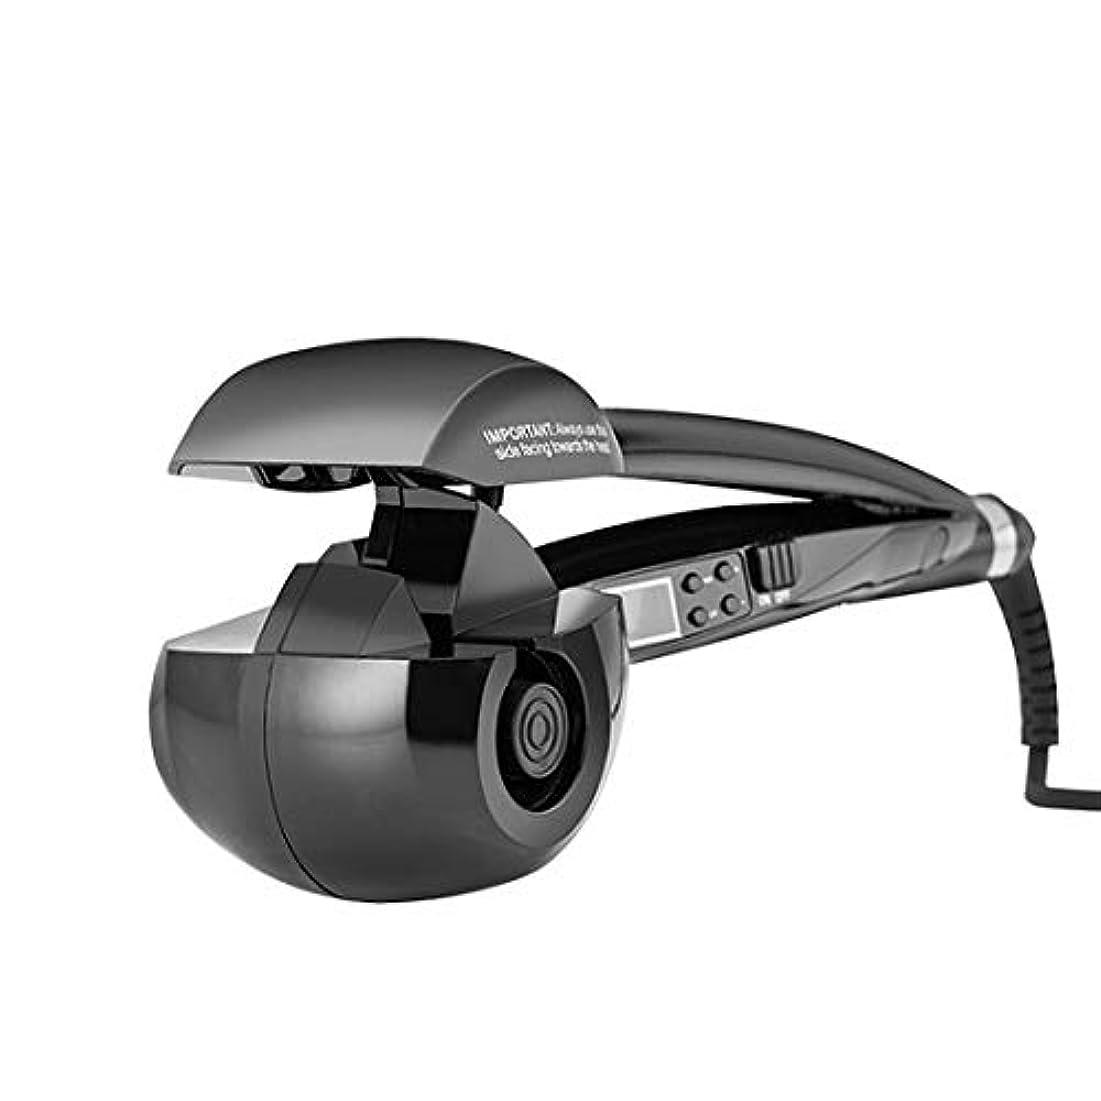 アテンダント料理財政電動アニオンヘアカーラーアップグレードアイアン自動エアカーリングワンドセラミック回転カーラーヘアスタイリングツールカーラー